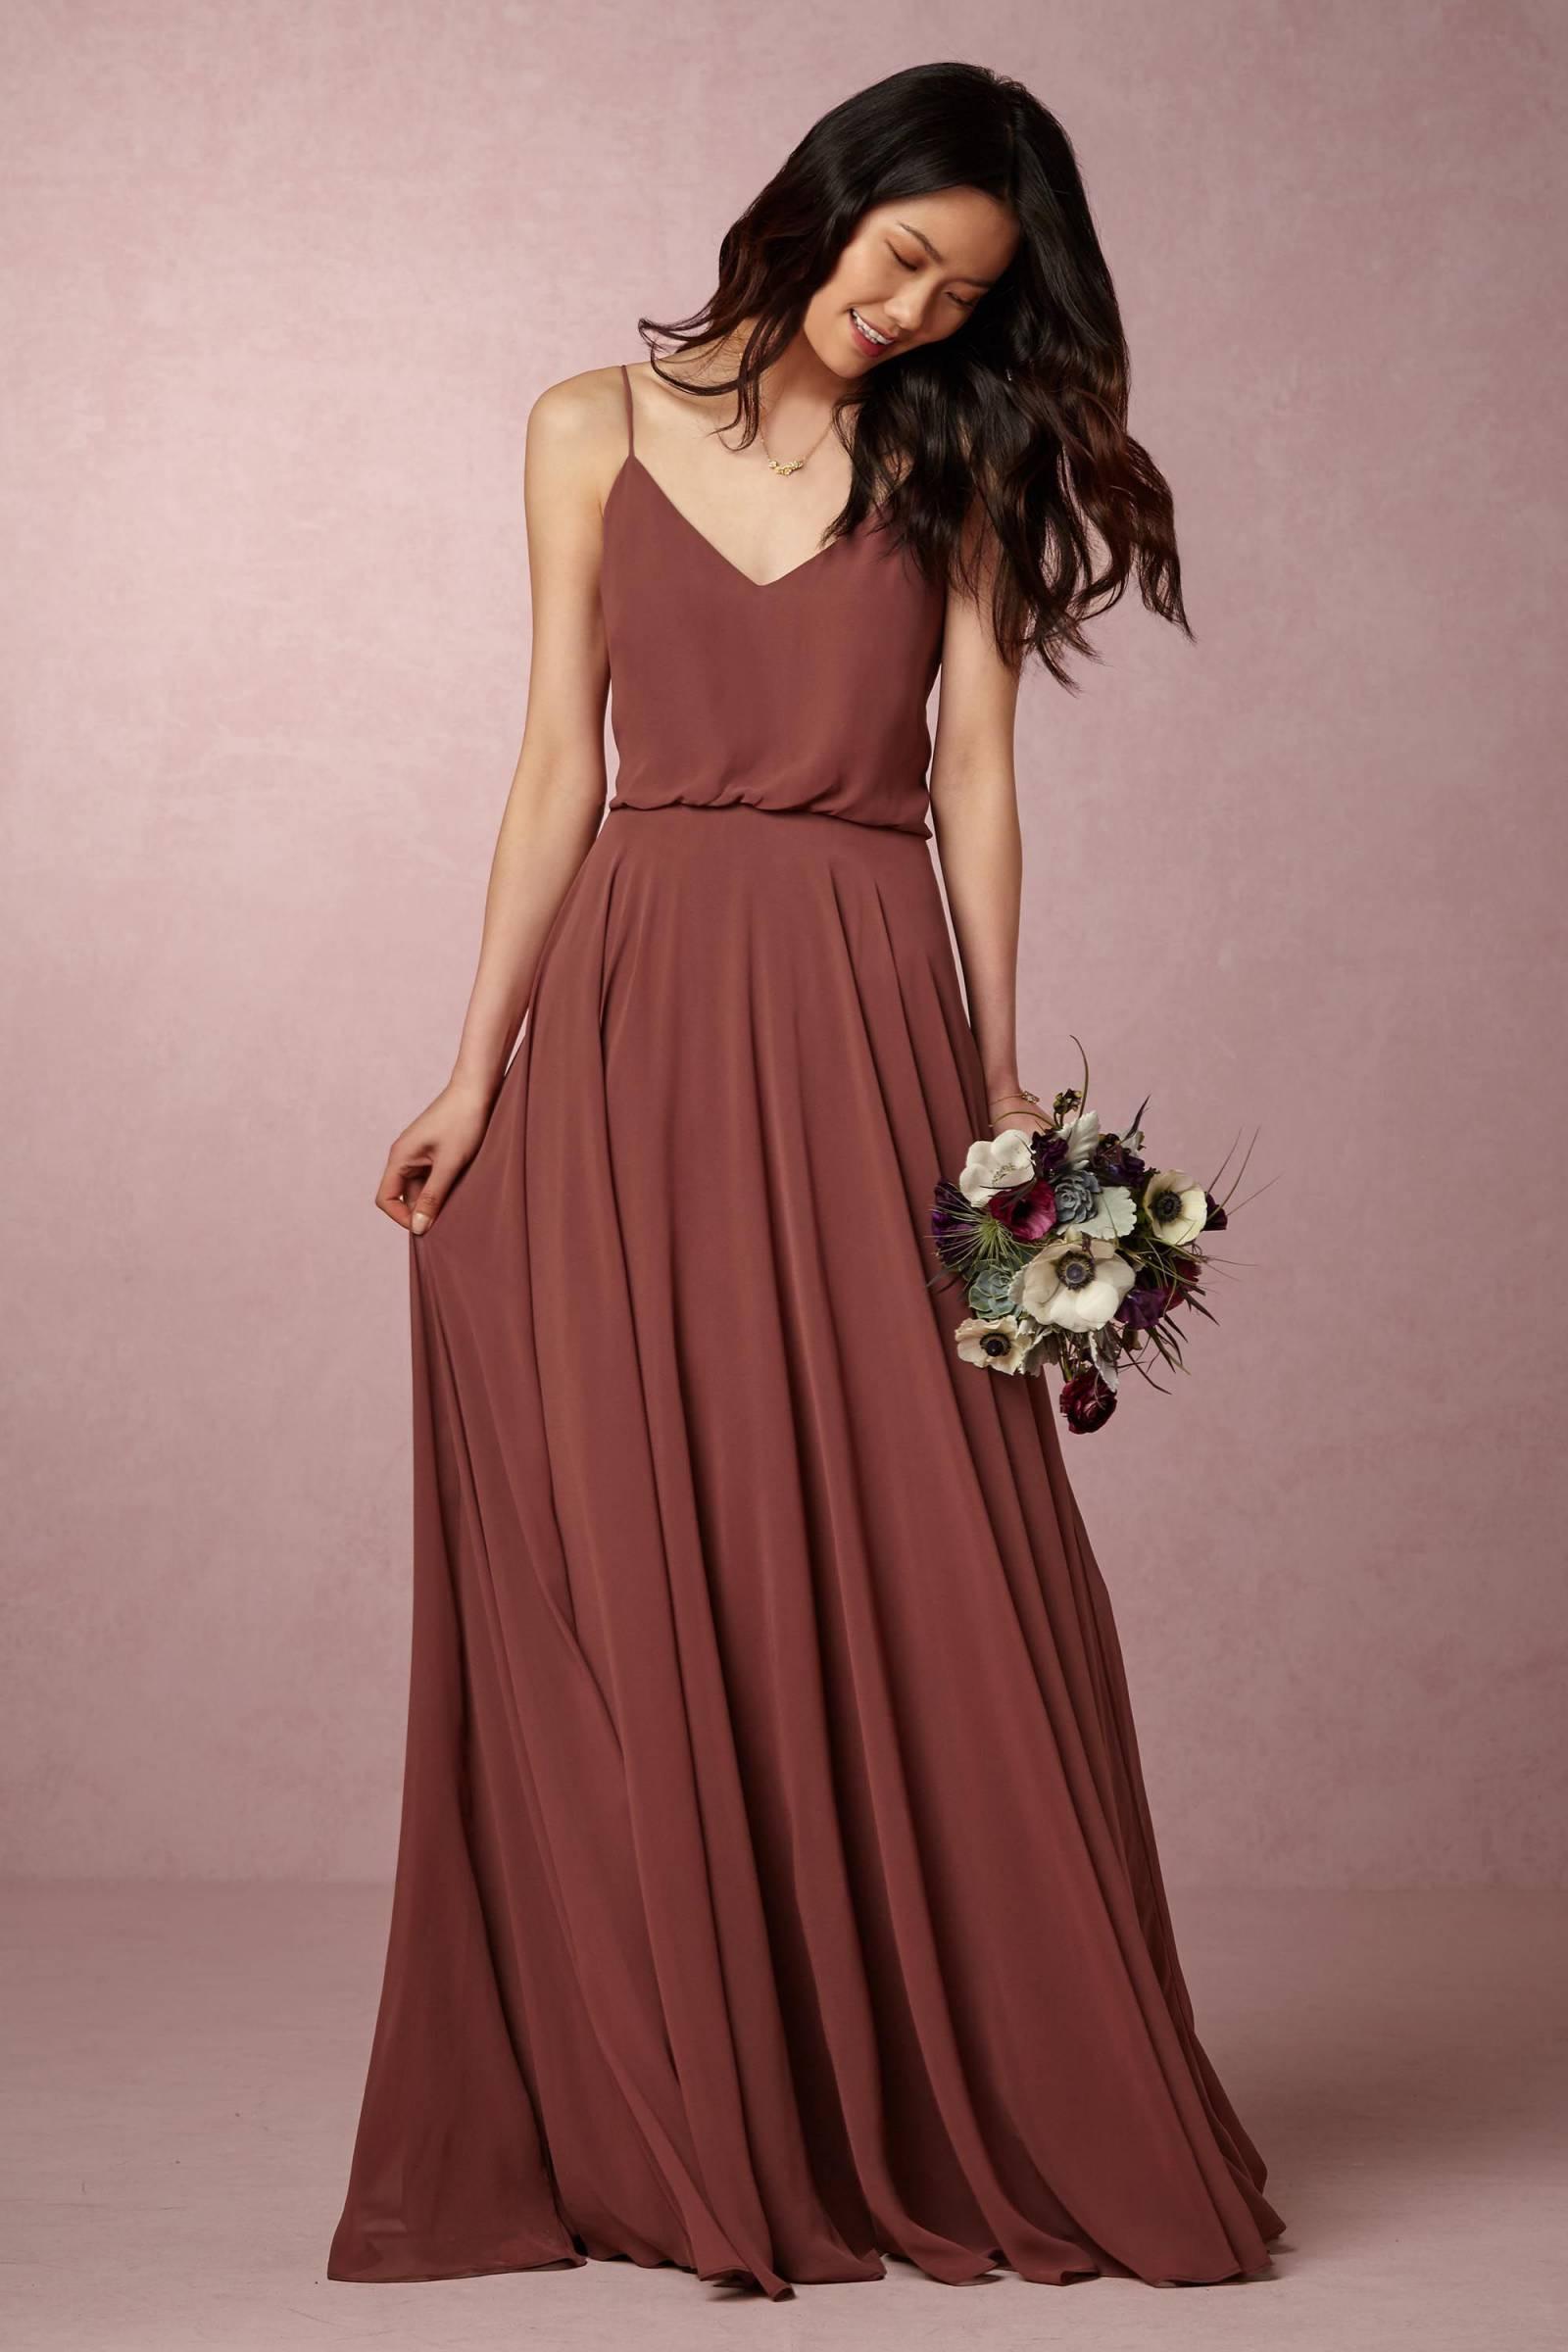 Kleider Hochzeit Gast  Festliche kleider zur hochzeit als gast – Neue stilvolle